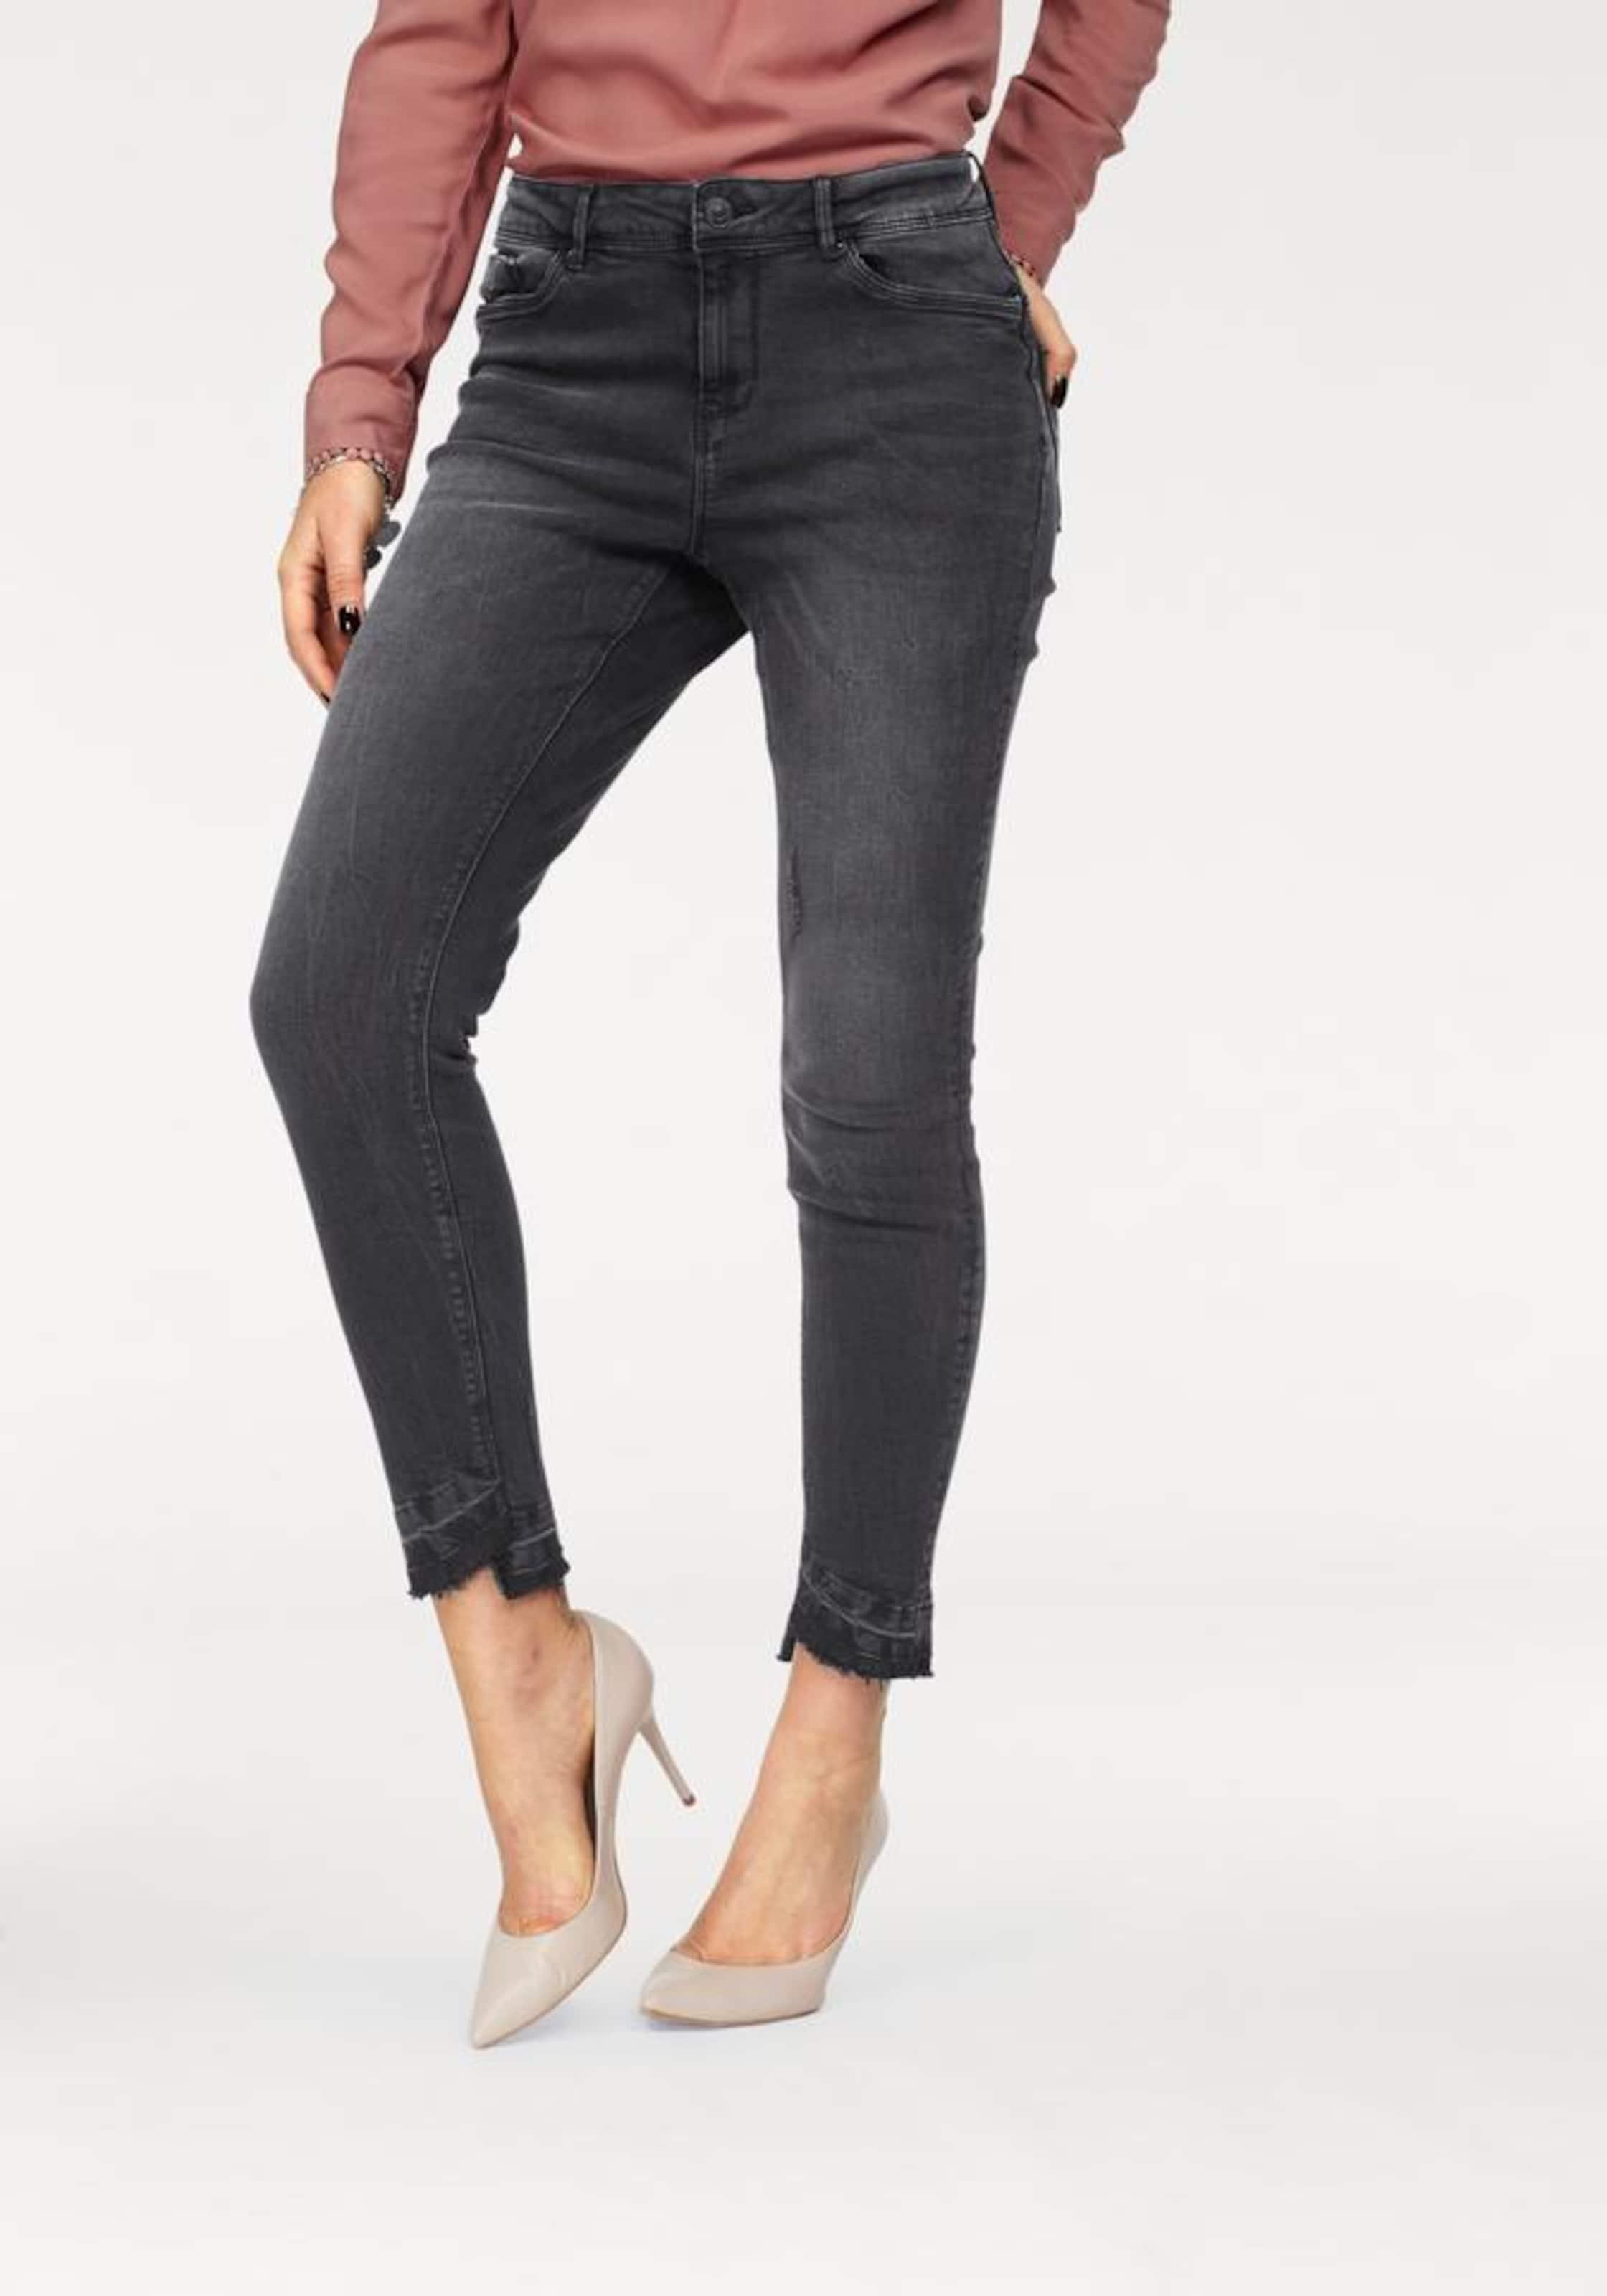 Frei Verschiffen Spielraum Shop VERO MODA 'Seven' Ankle Skinny Fit Jeans Shop Für Günstigen Preis Footaction Günstiger Preis jaPZJ